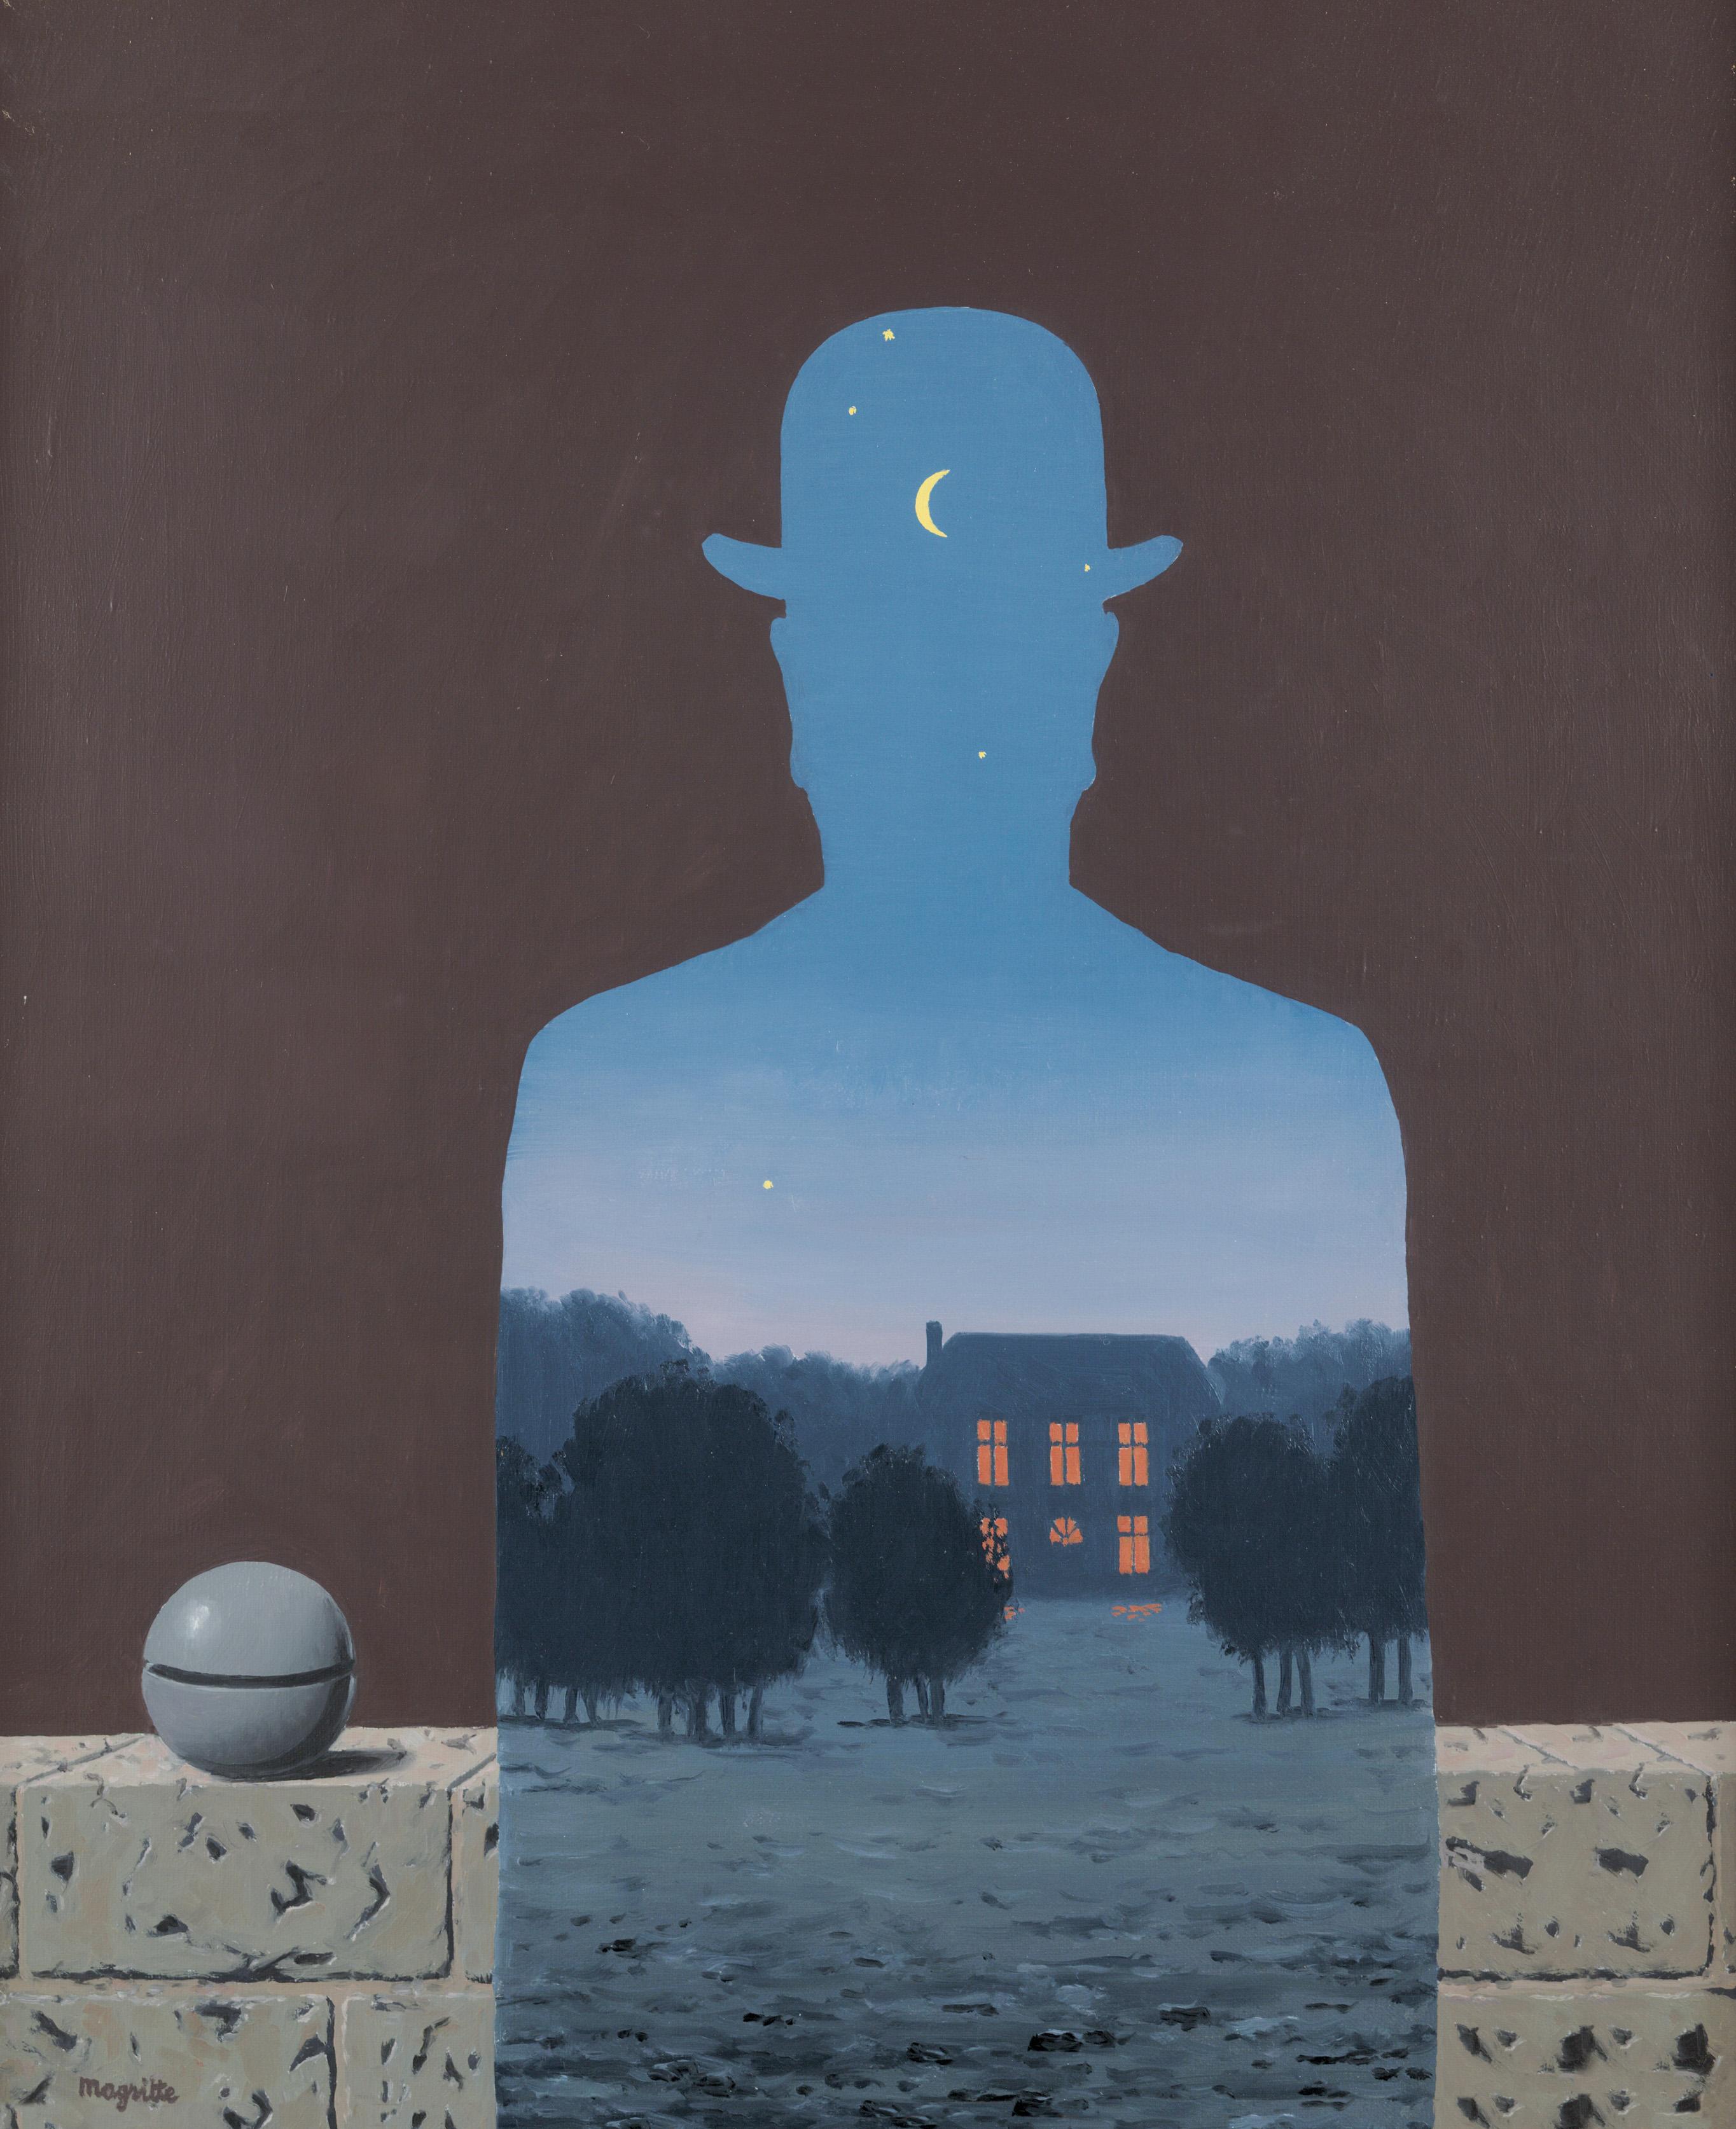 René Magritte, L'Heureux donateur, 1966, Öl auf Leinwand, 55,5 x 45,5 cm, Musée d'Ixelles-Brussels, Photo: Mixed Media © VG Bild-Kunst, Bonn 2017